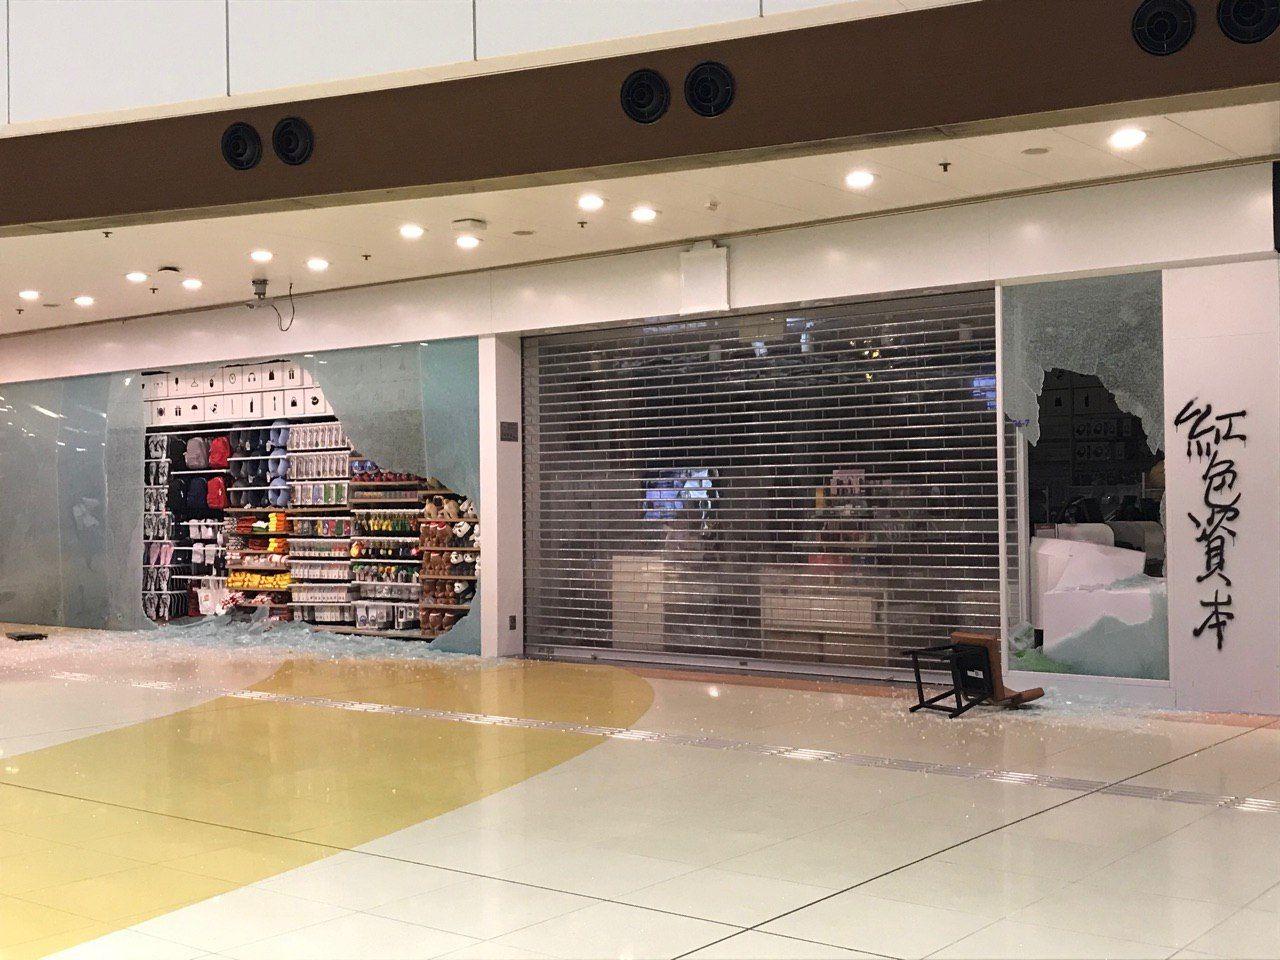 【修例风波】秀茂坪集会声援堕楼科大学生 示威者毁坏商场店铺